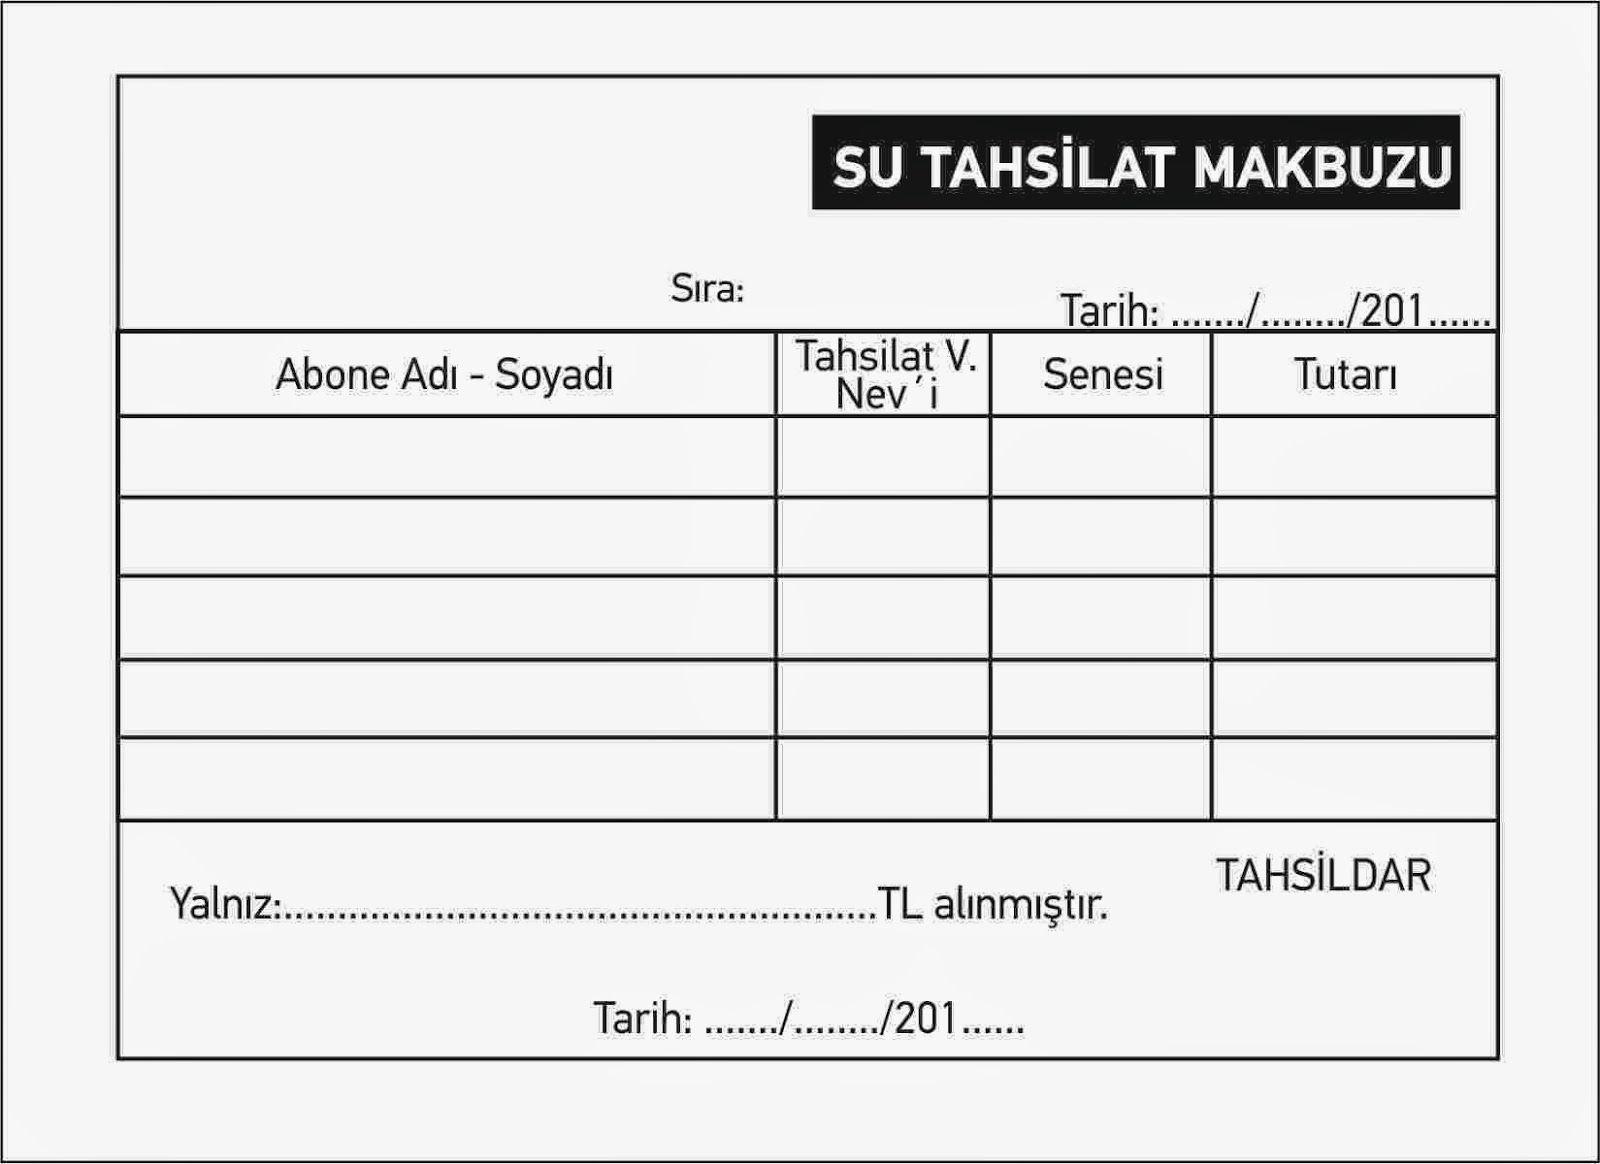 tahsilat-makbuzu-ornegi-2021.jpg